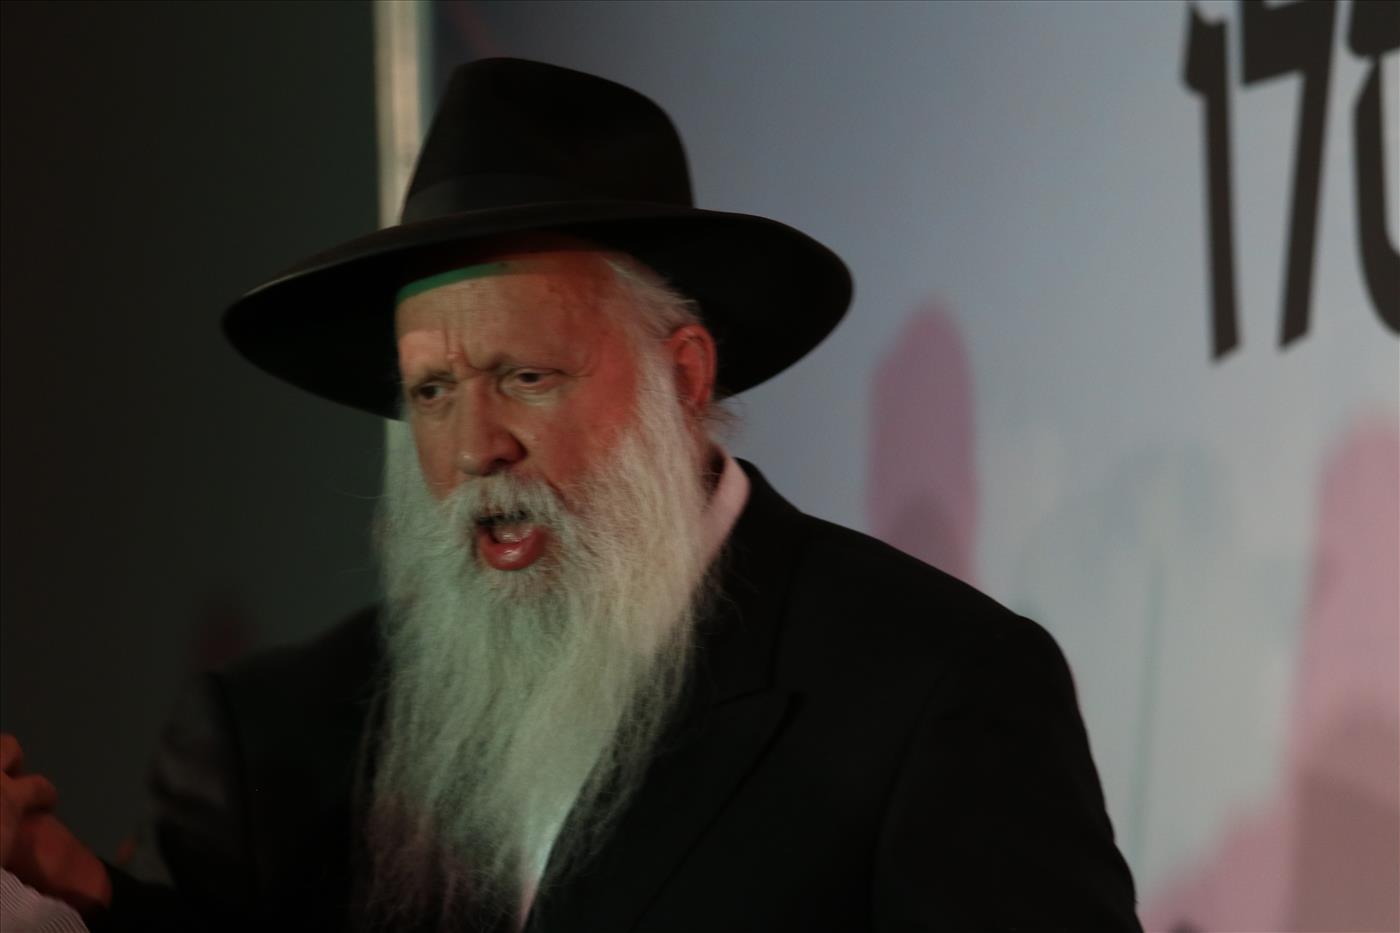 הרב יצחק גינזבורג. צילום: שלמה מלט